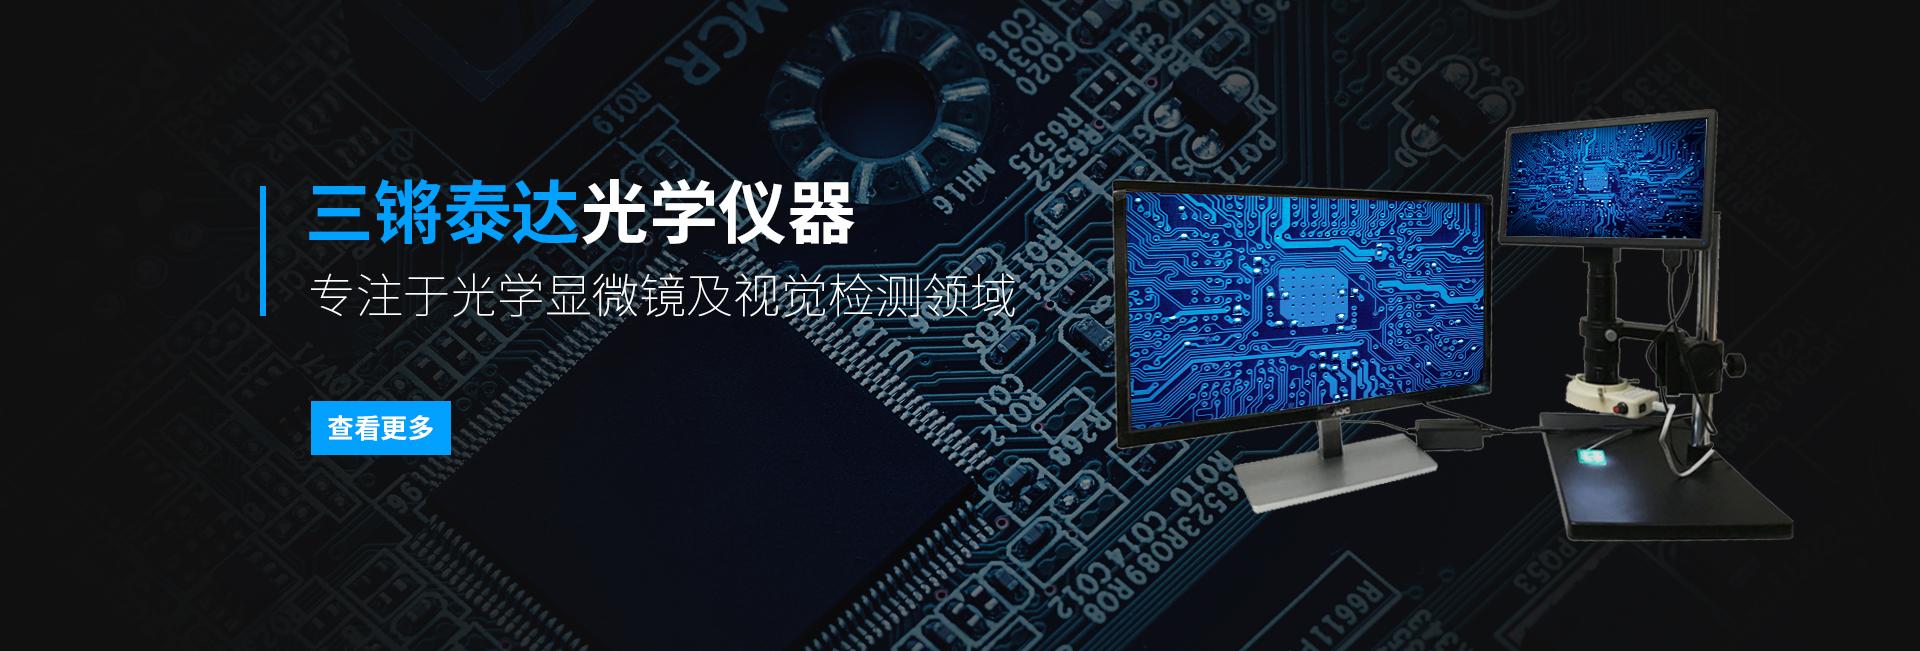 深圳市巴黎人光学仪器有限公司